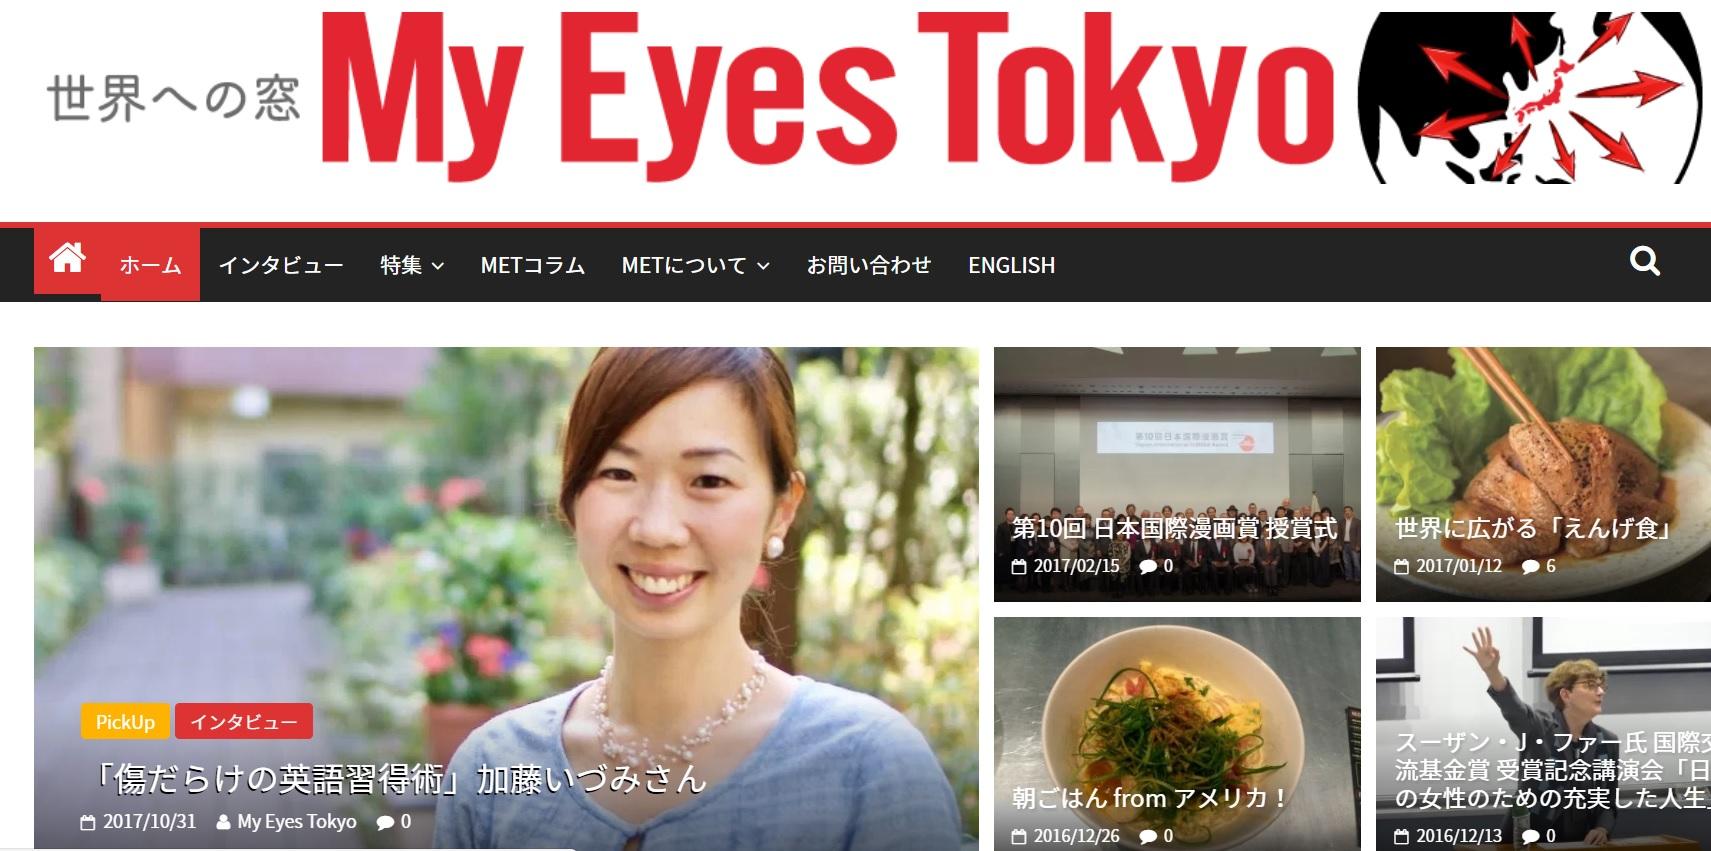 東京を海外に発信するメディア「My Eyes Tokyo」様に代表の加藤が取材を受けました